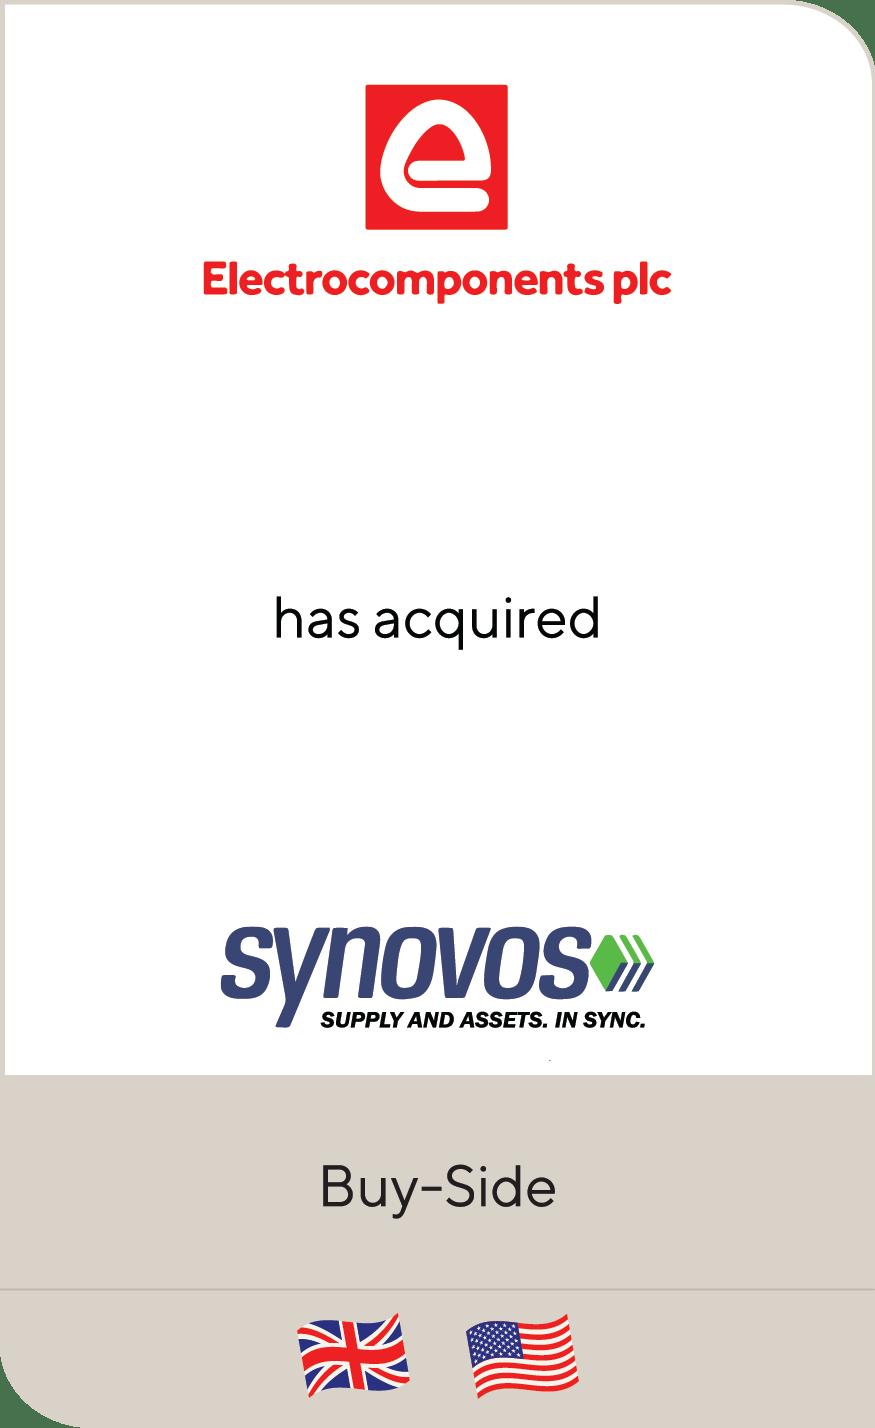 Electrocomponents_SynovosInc